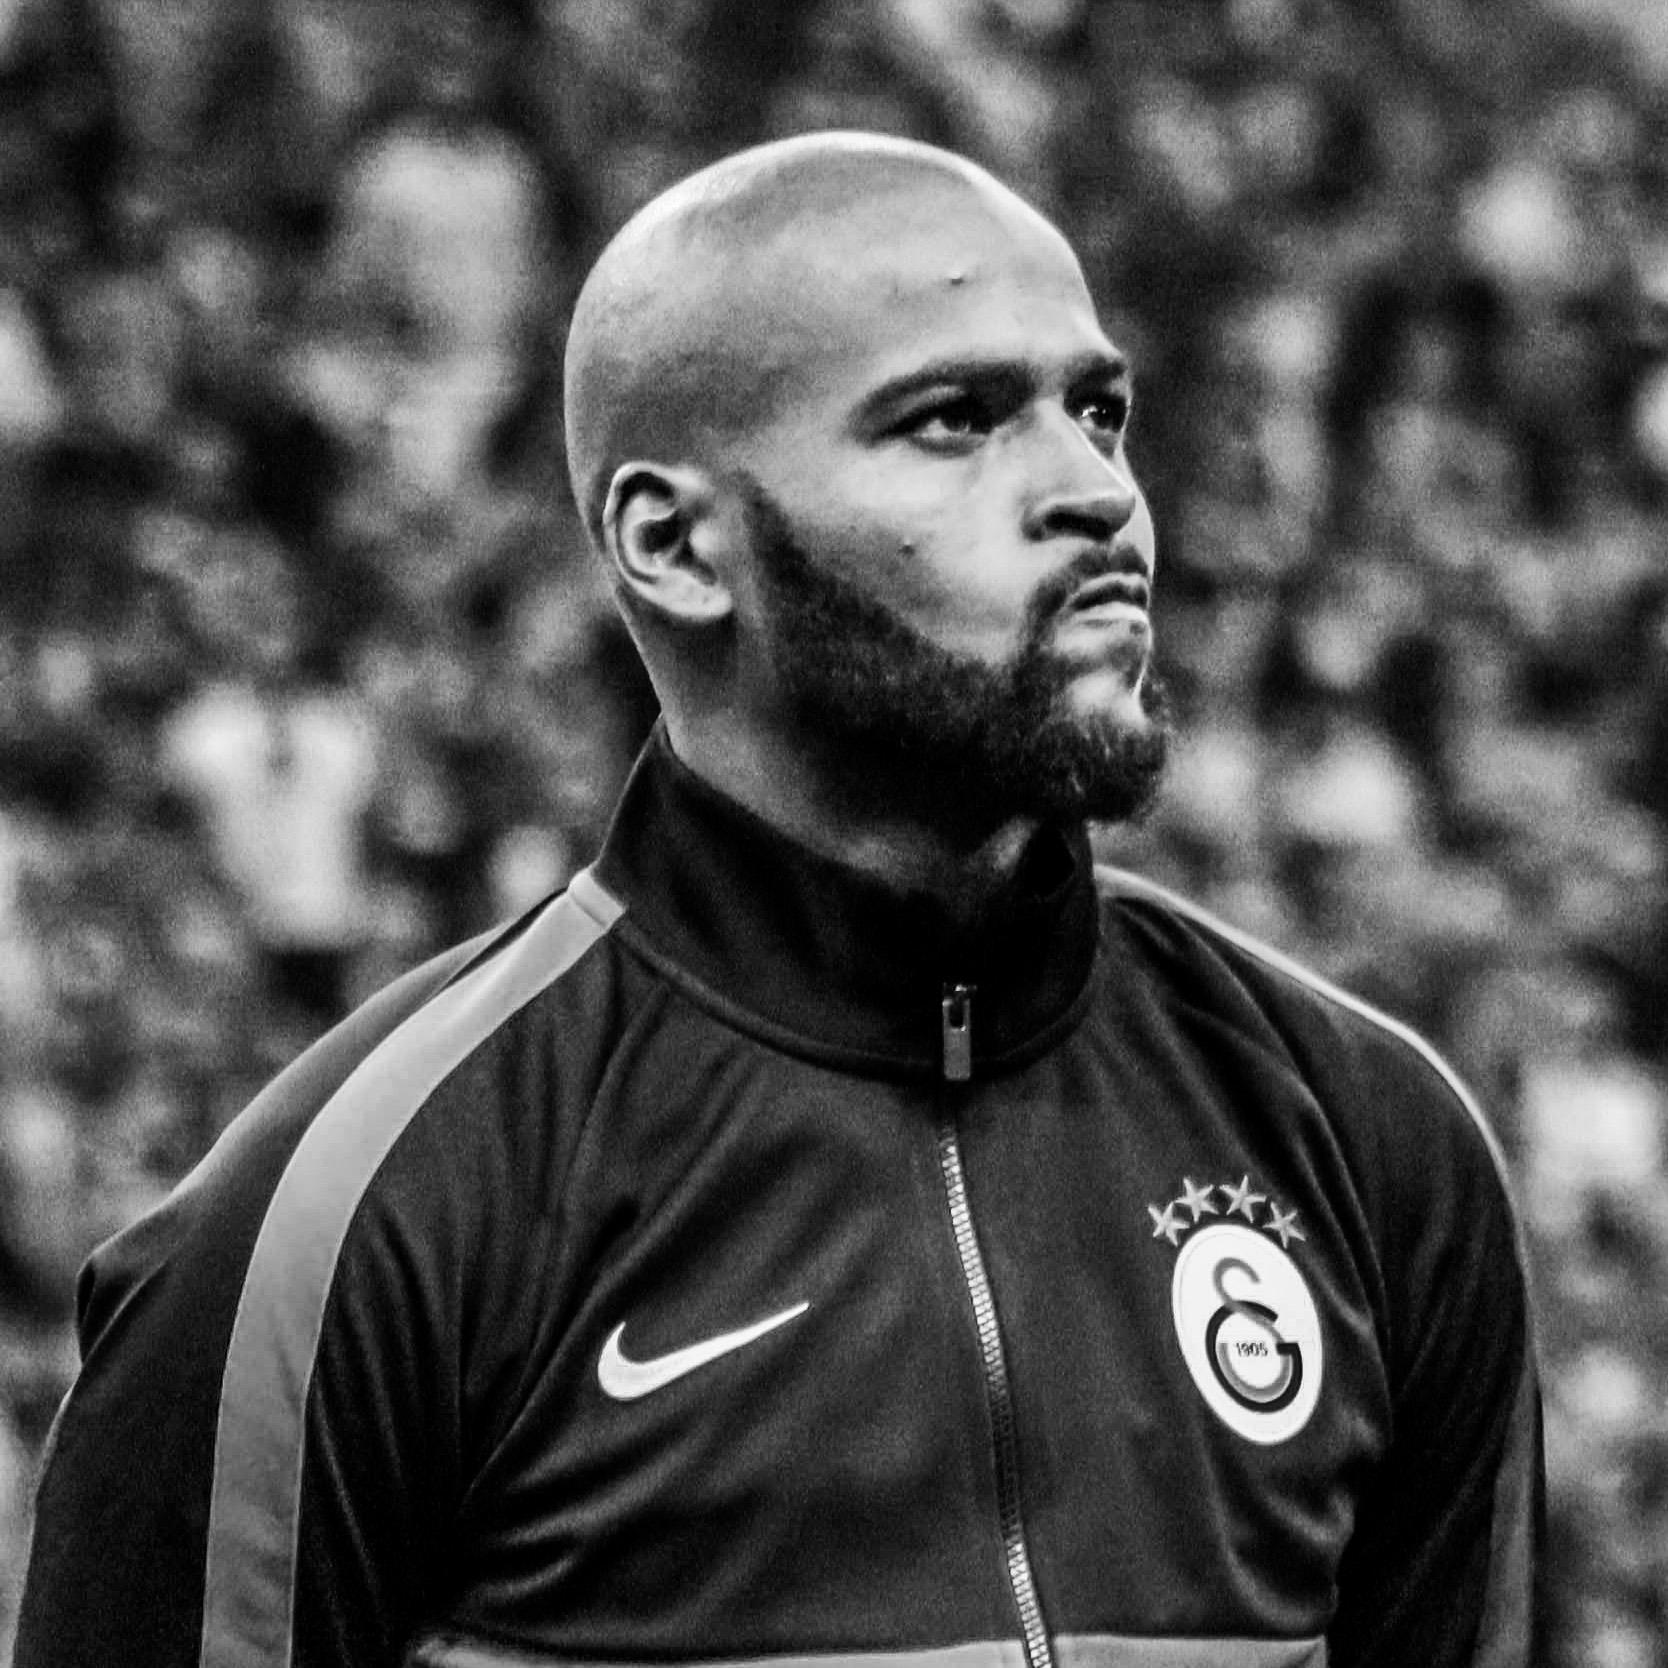 Marcos do Nascimento Teixeira, 24 anos, zagueiro, campeão turco. instagram.com/marcao twitter.com/teixeira_marcao facebook.com/marcao45 tiktok: @marcao